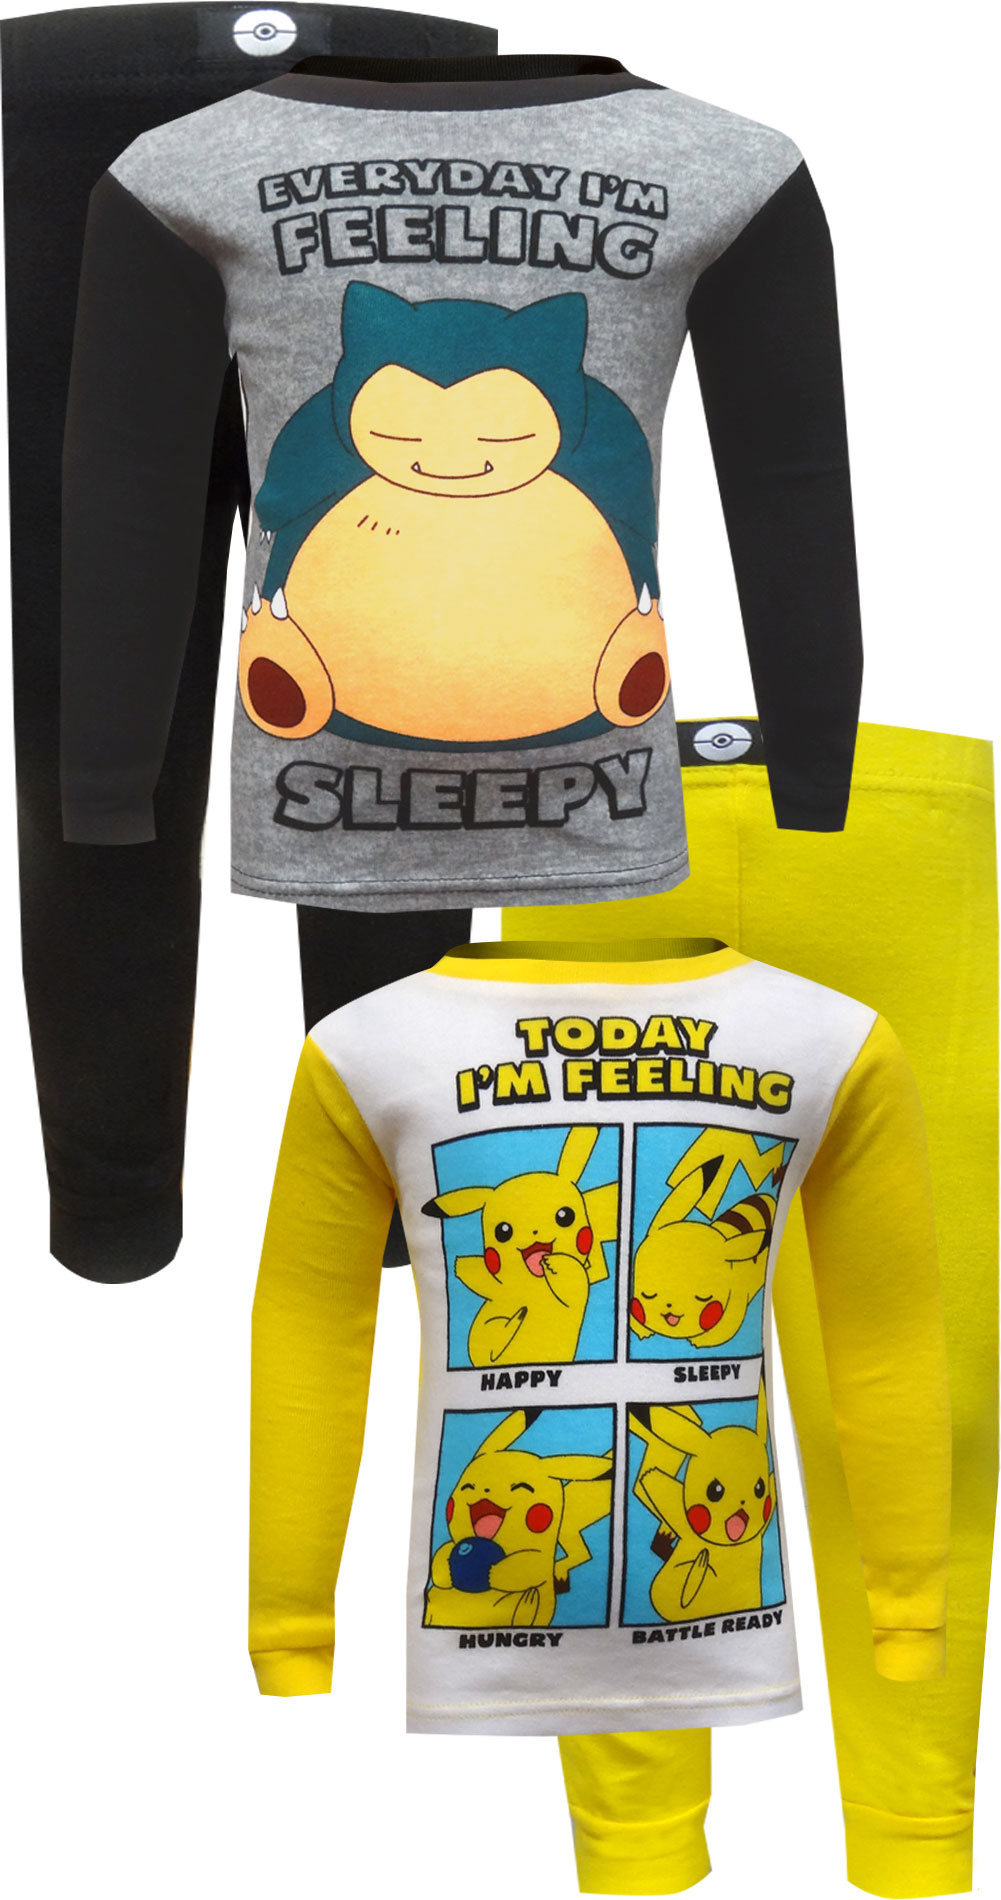 Image of Pokemon Pikachu and Snorlax Cotton 4 Piece Pajamas for boys